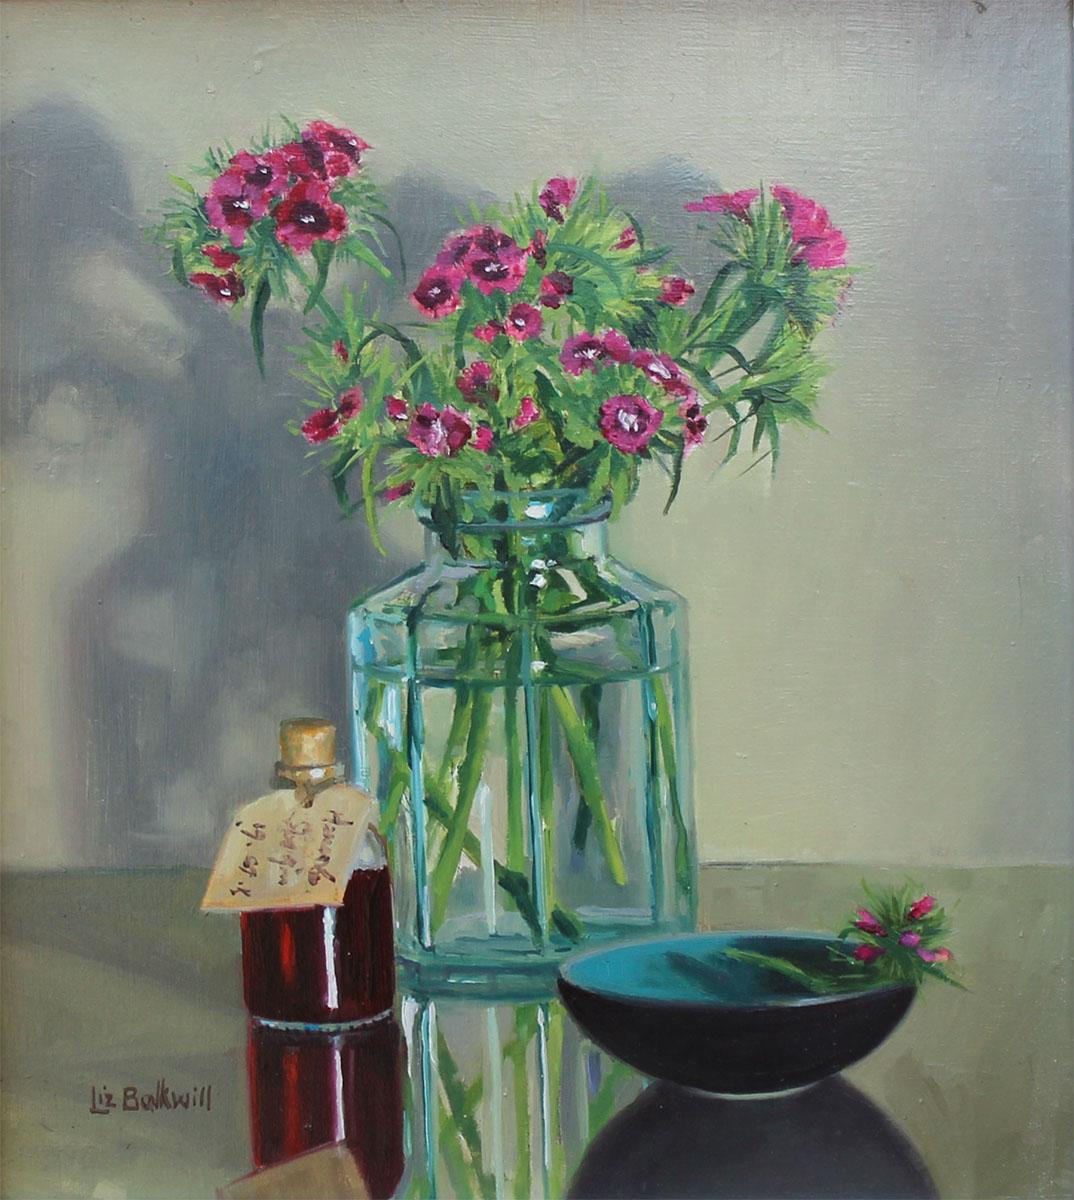 Liz Balkwill